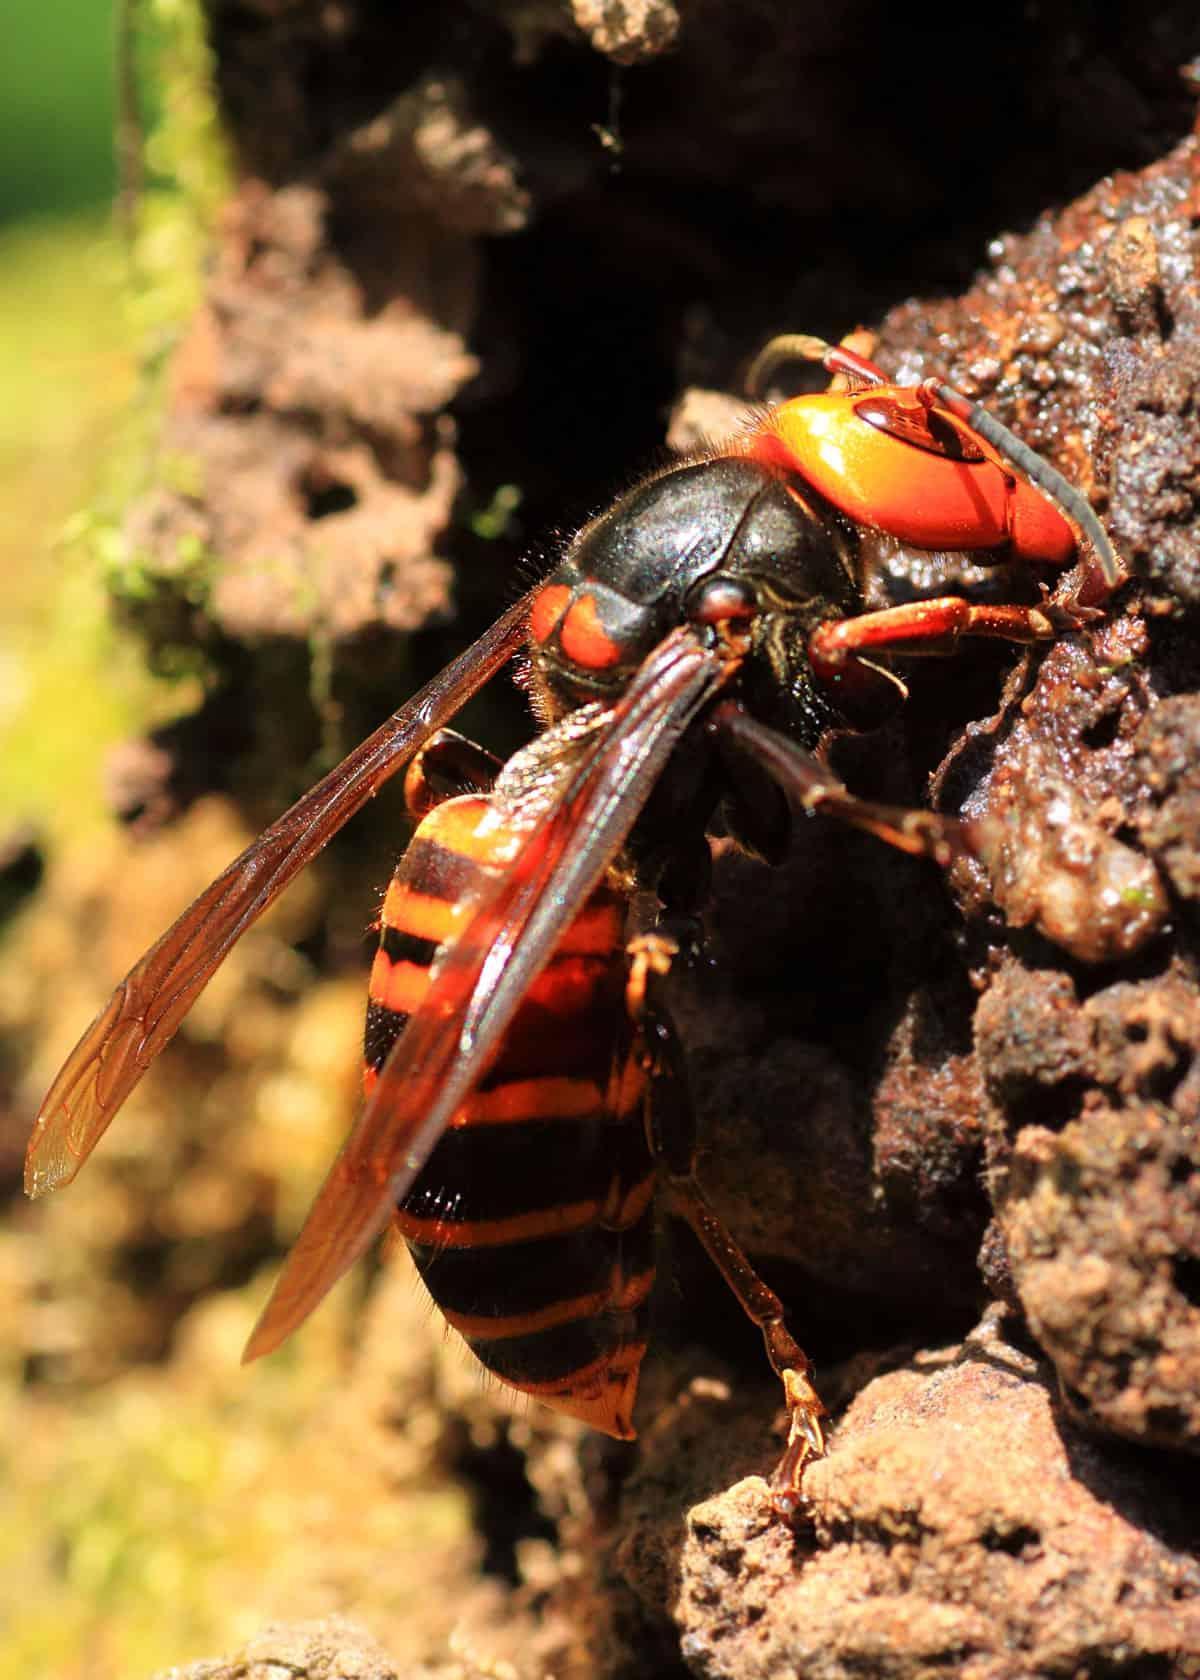 Giant Japanese hornet building nest